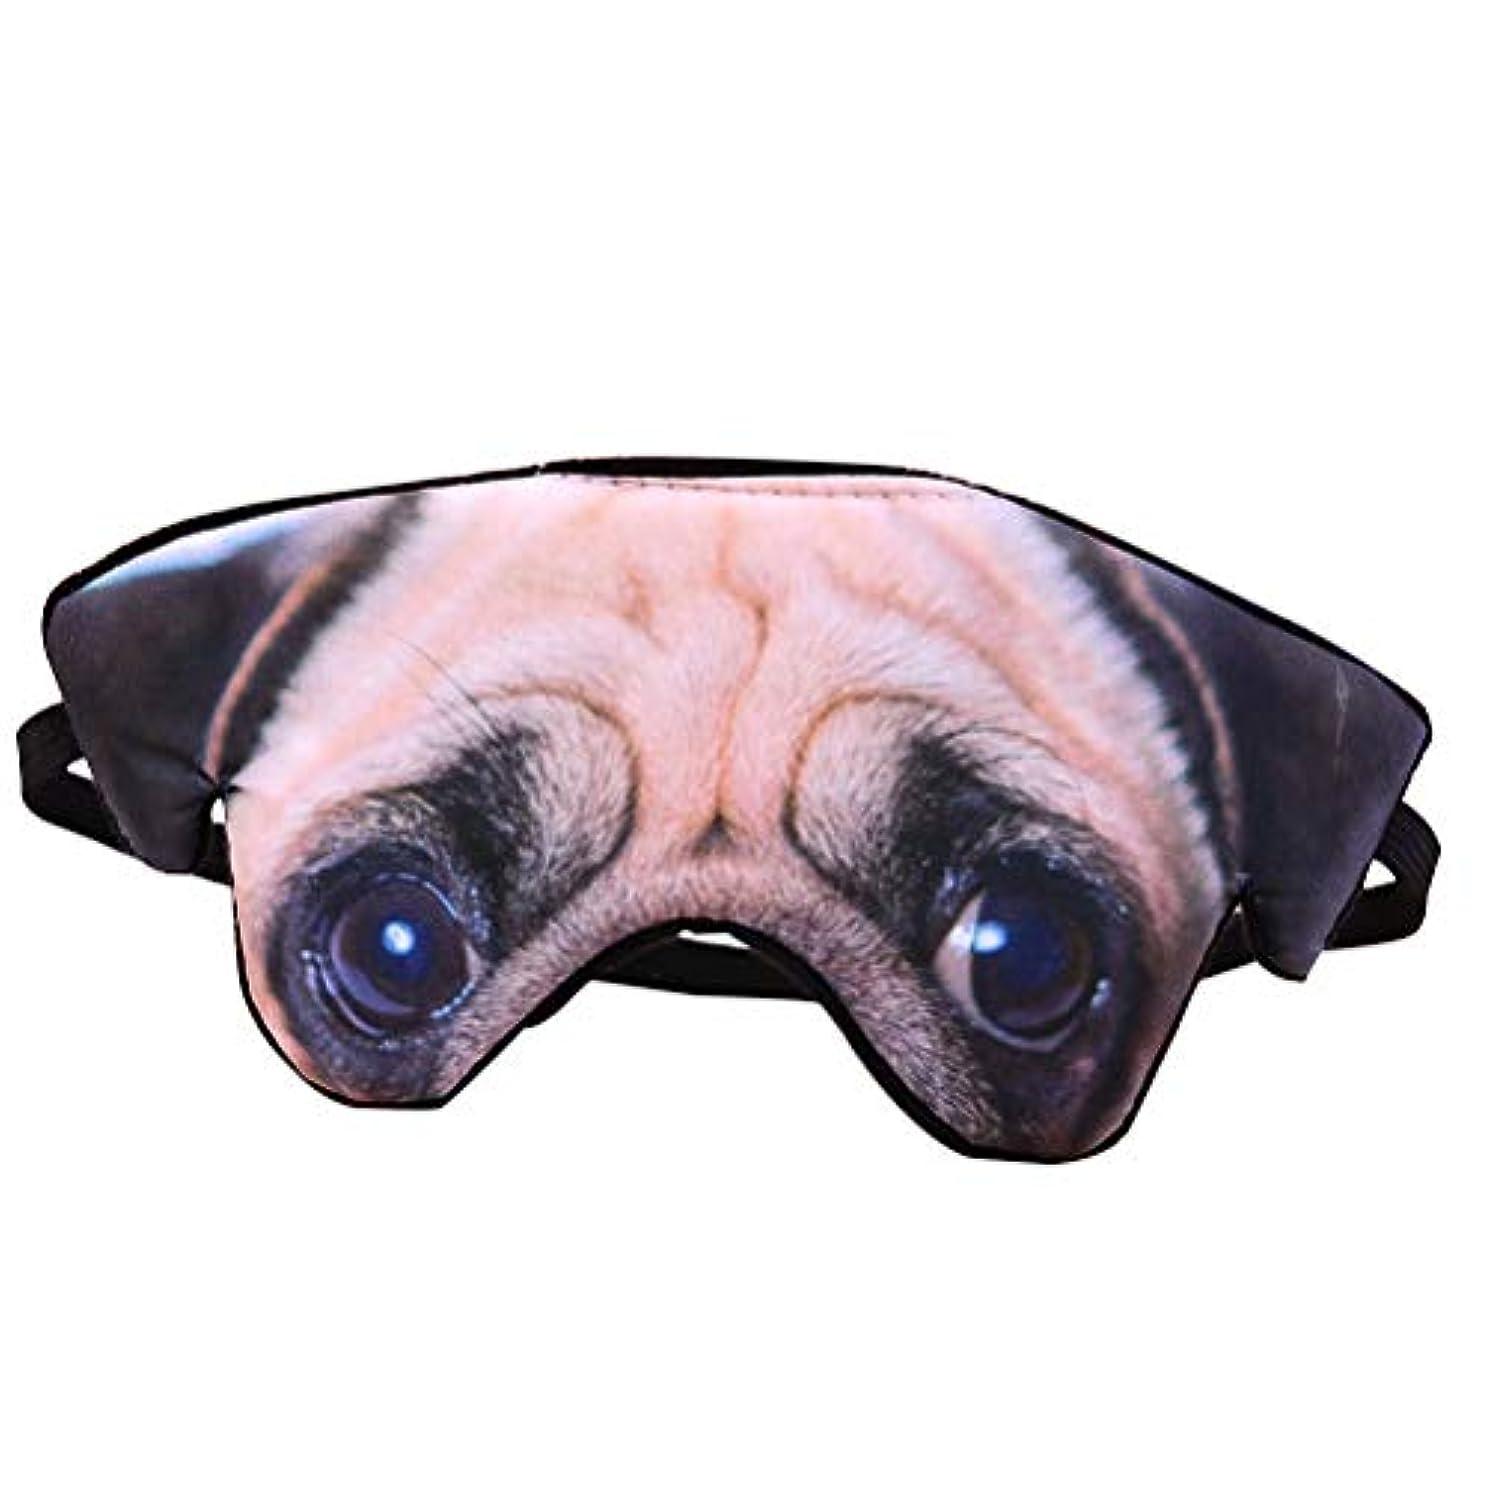 バインドラジウム嫌いHEALIFTY 睡眠目隠し3D犬のパターンアイマスクファニーシェードナップカバー目隠し睡眠マスク目の眠りゴーグル(Pug)